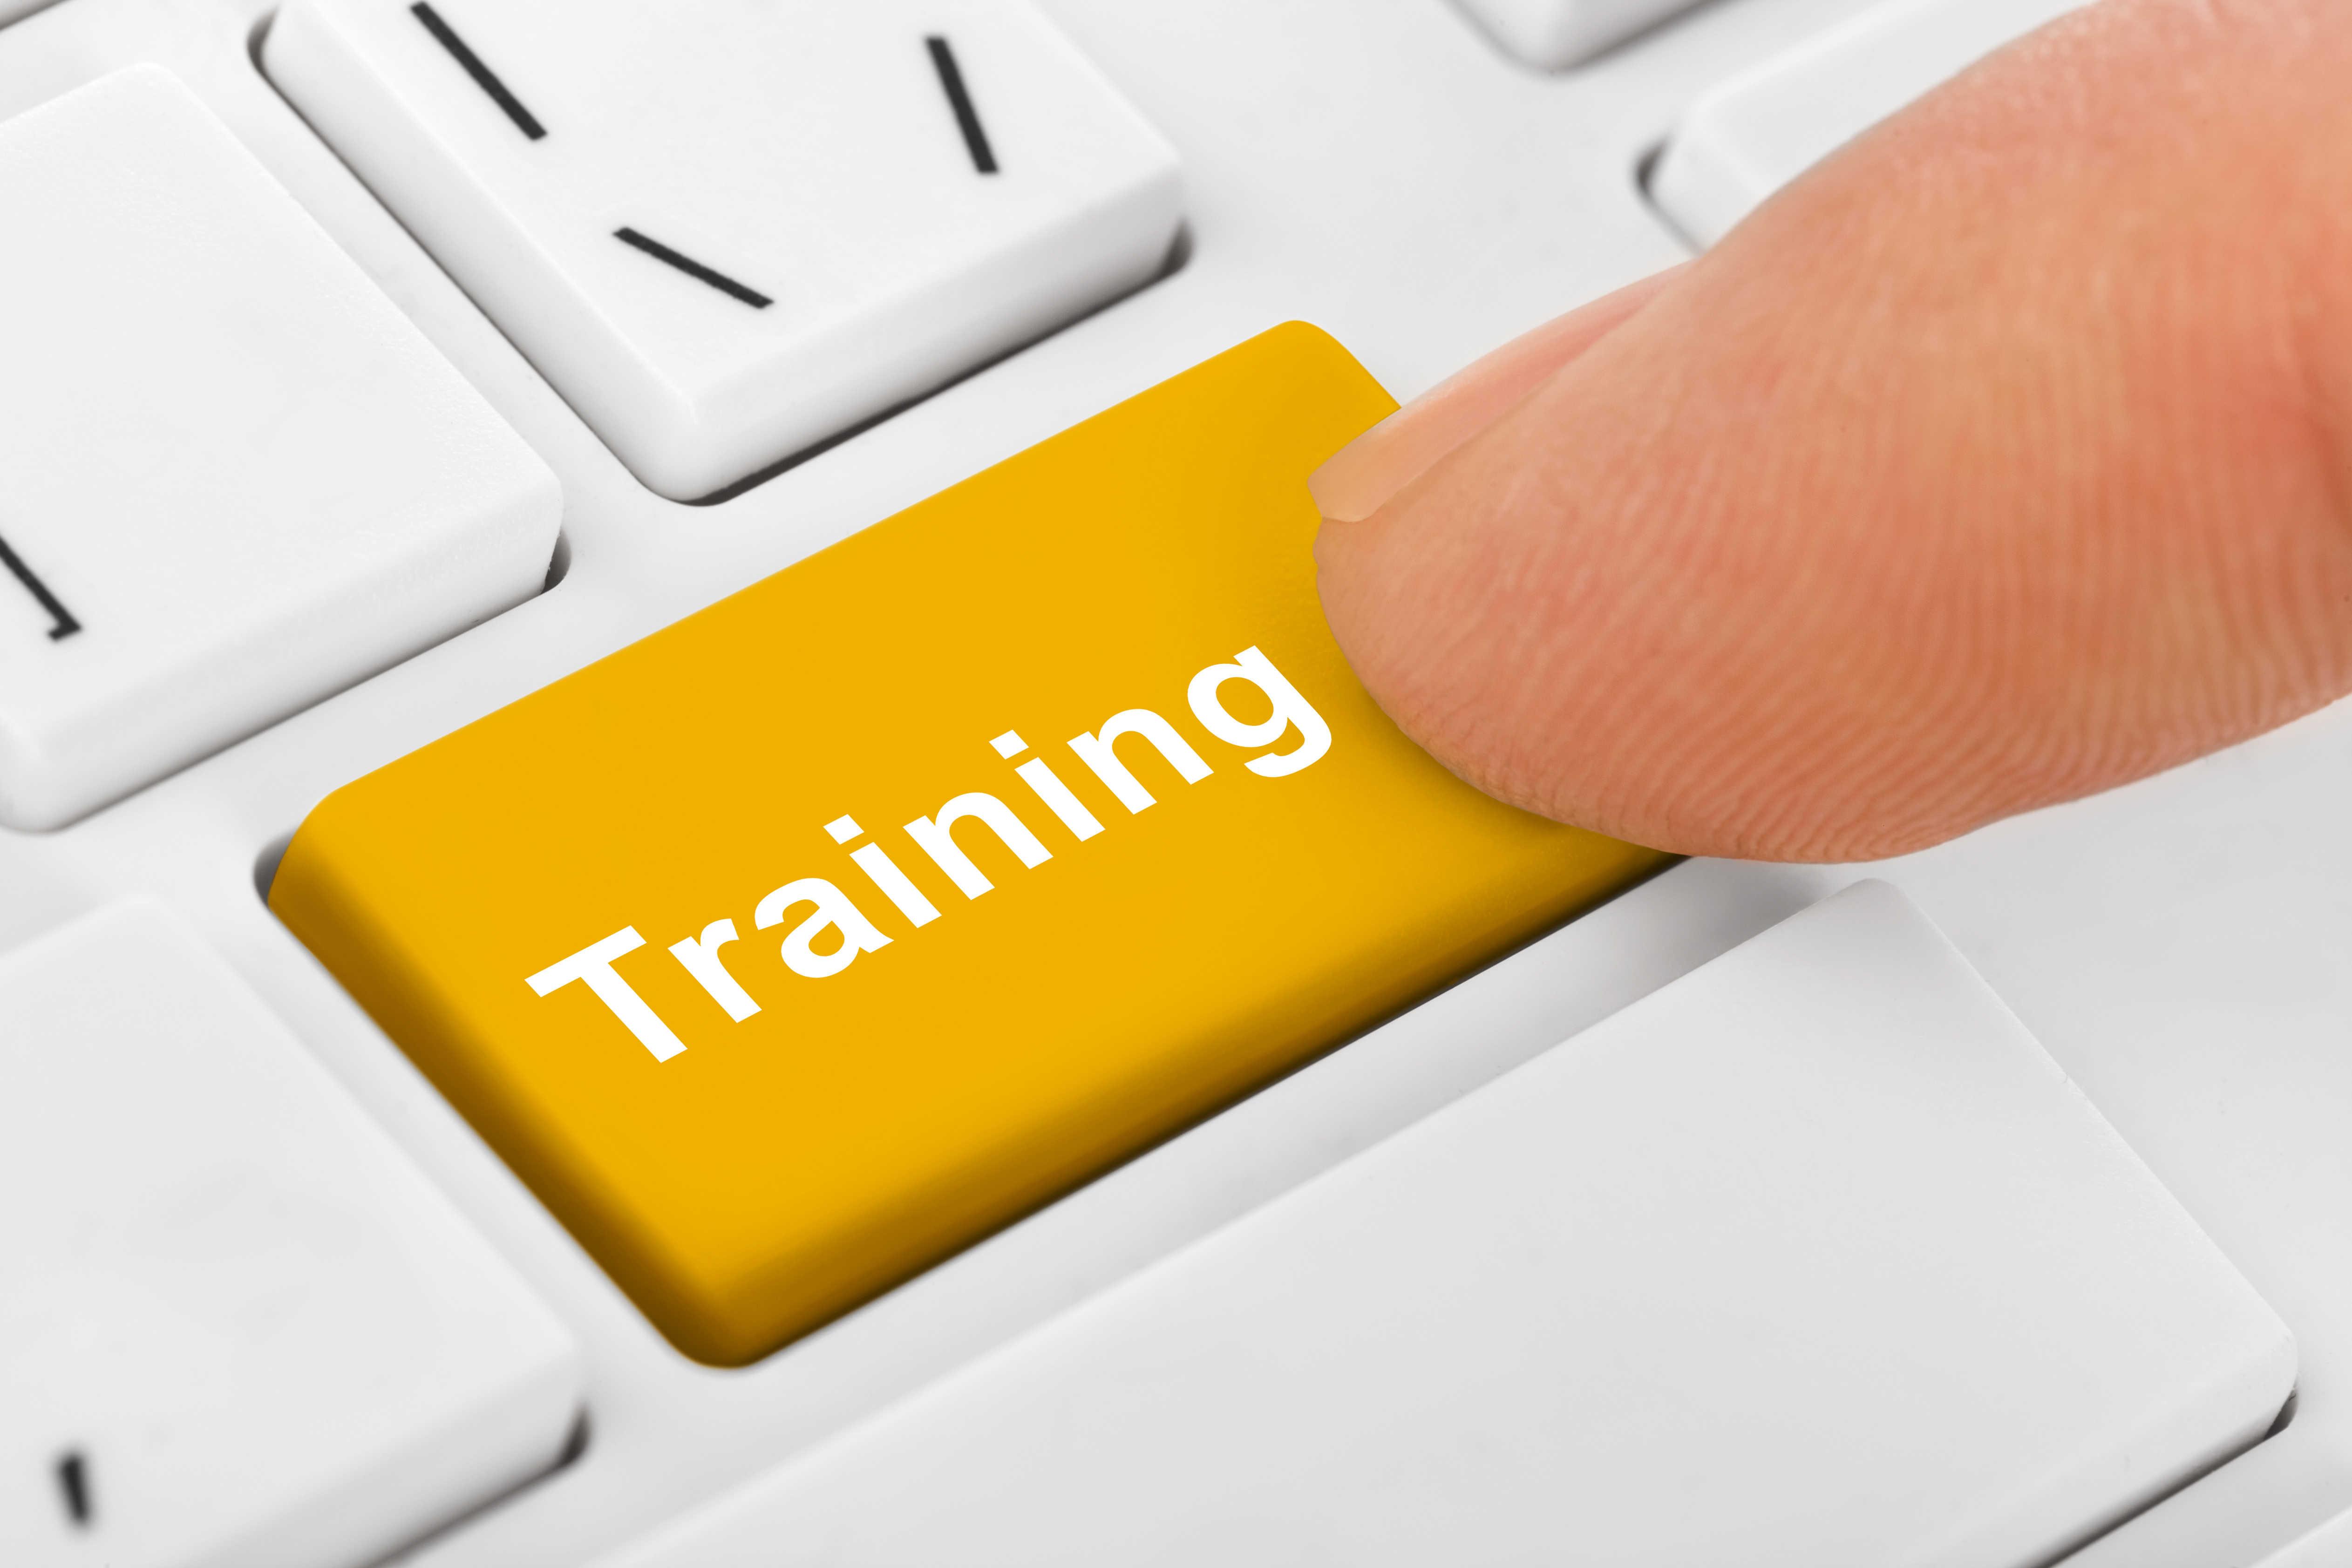 szkolenia listopad 2016, szkolenia marzec 2018